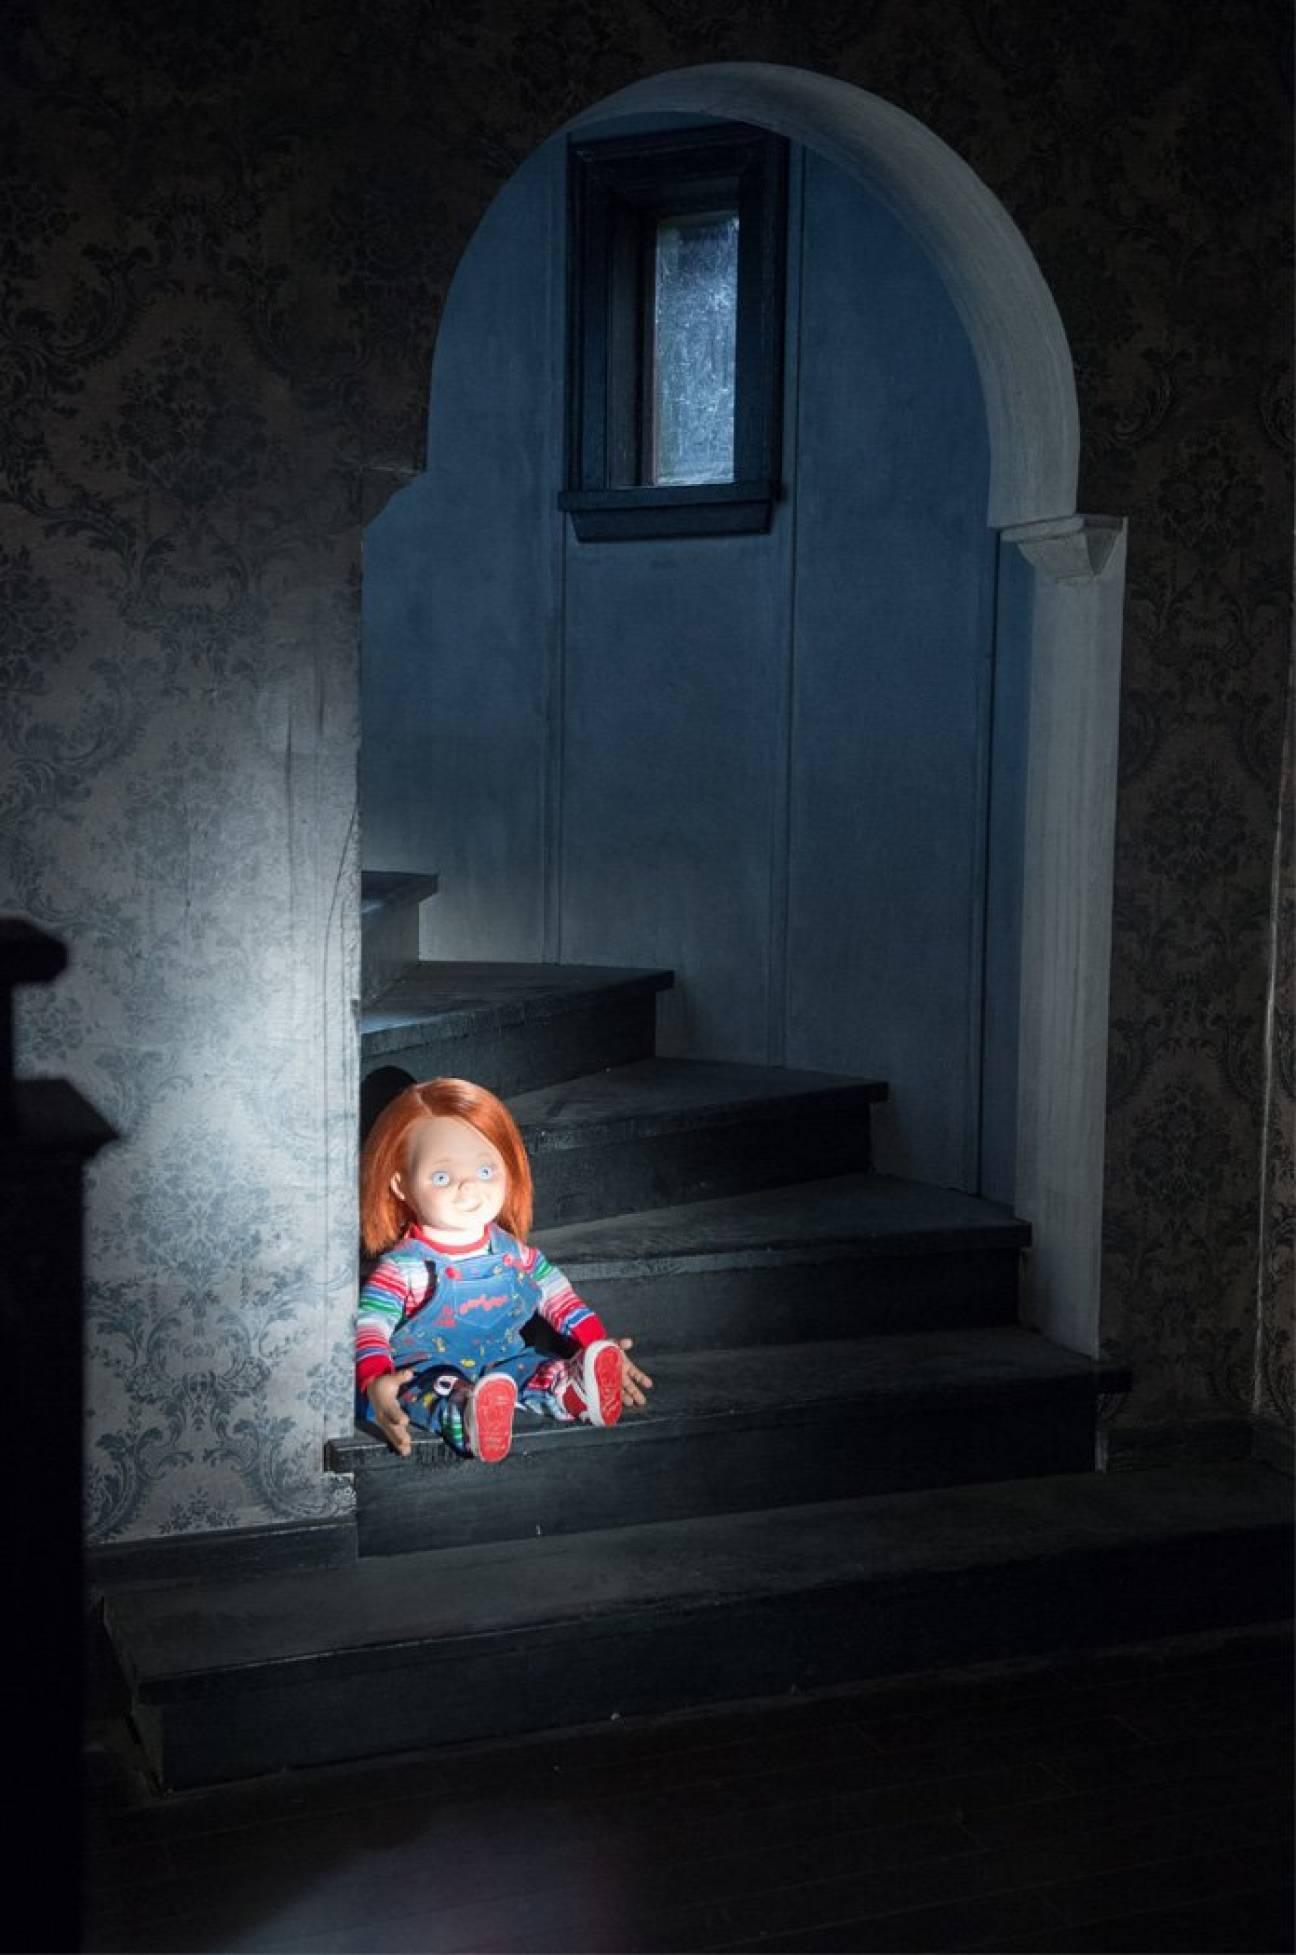 Bir Emlakçı 'Korkunç ve Dehşet Verici' Evi Ürkütücü Bebekler Kullanarak Bir Günde Pazarladı